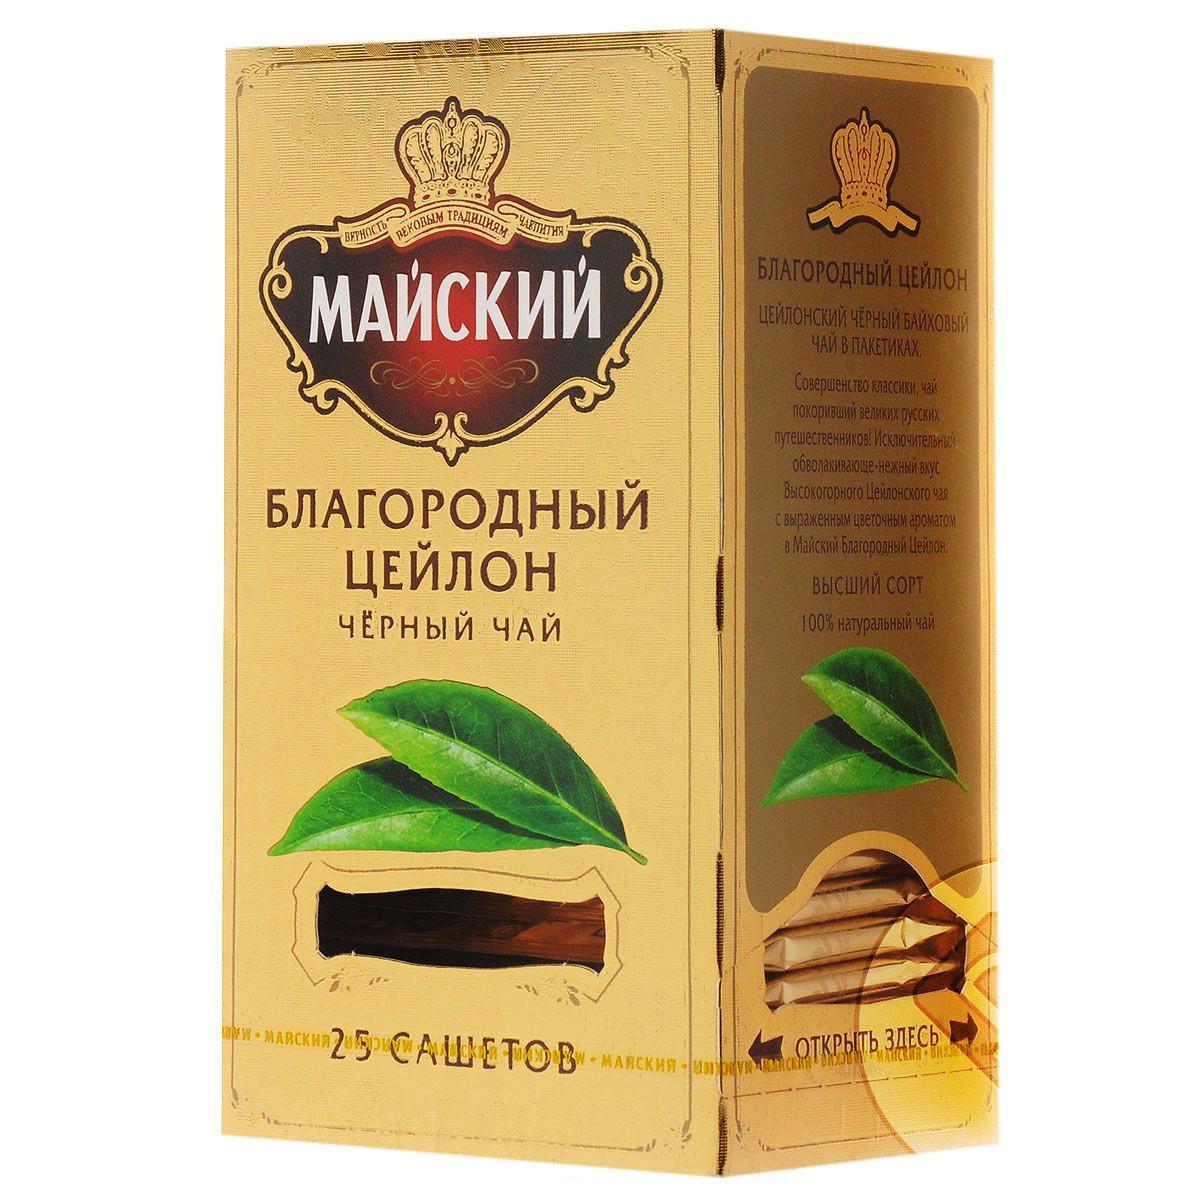 Чай Майский Благородный Цейлон черный в пакетиках